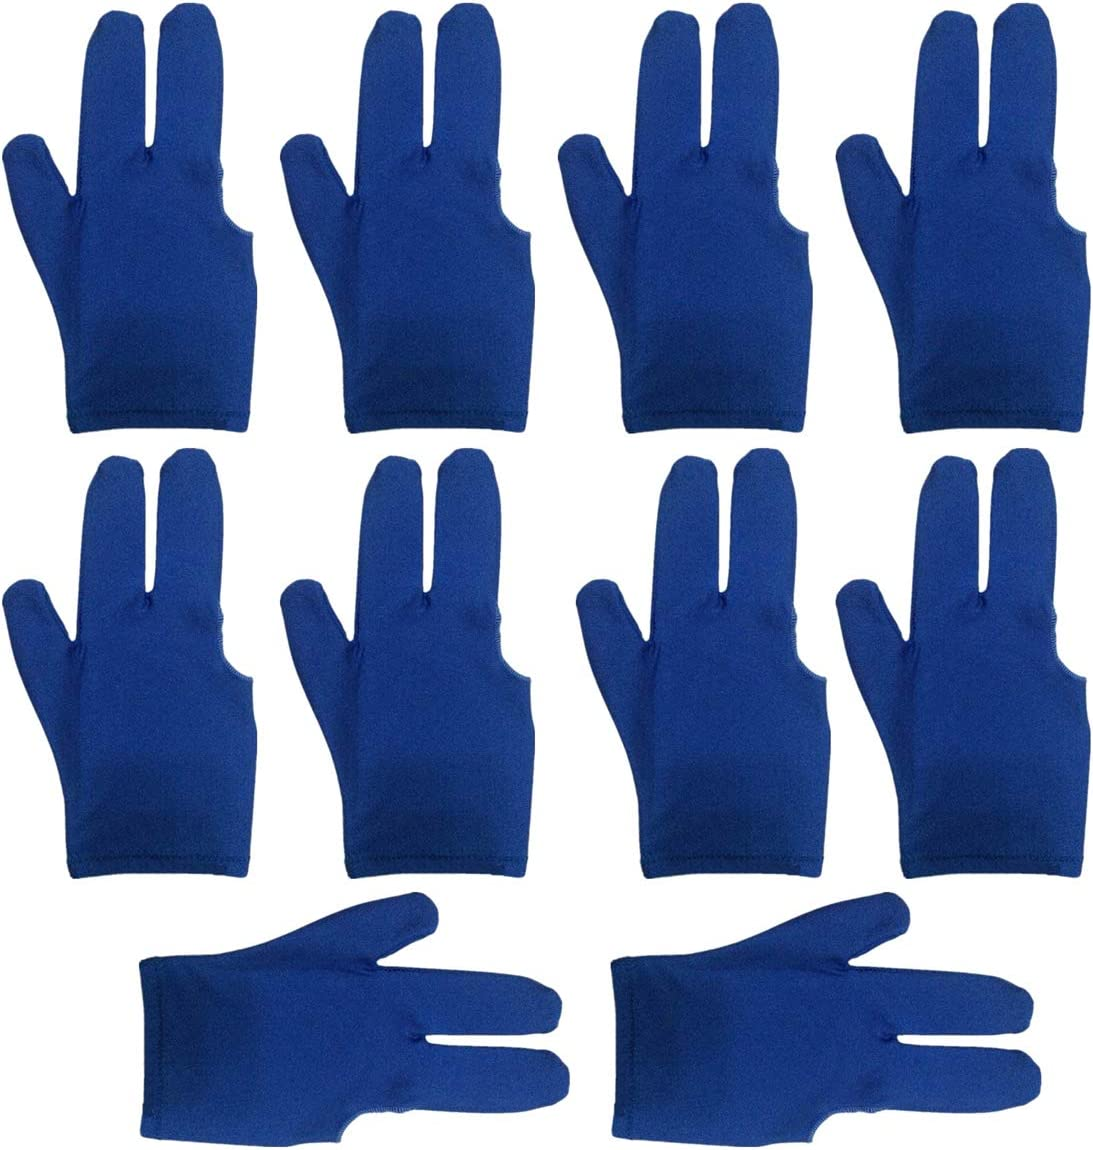 lasenersm ビリヤードグローブ 10個 3本指ビリヤードグローブ プールキューグローブ 3本指ショーグローブ スヌーカーグローブ 右手または左手に着用 メンズ レディース ブルー